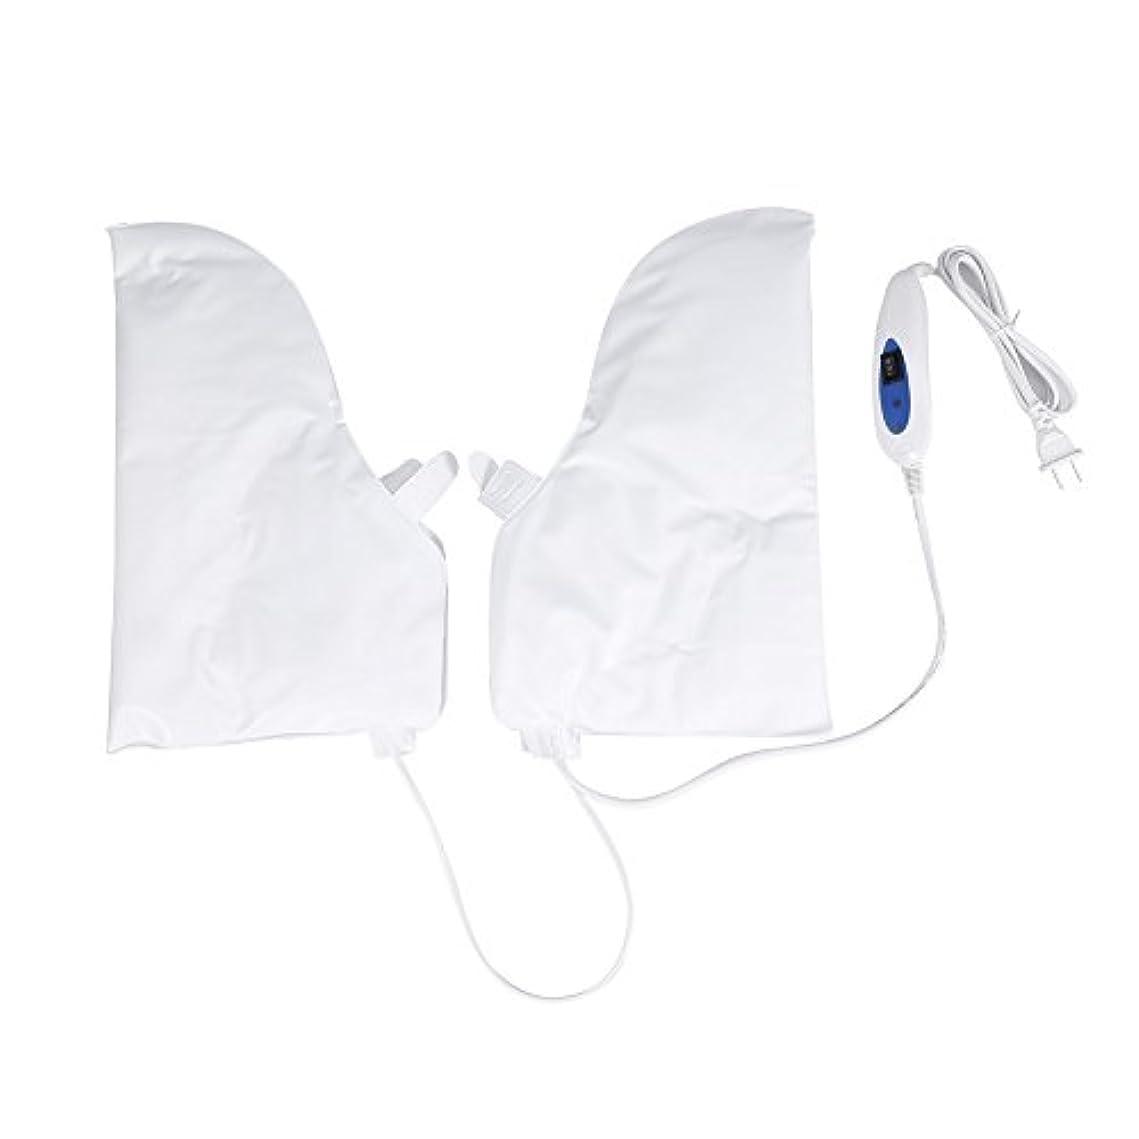 蒸し手袋 ハンドマスク 保湿グローブ 電熱手袋 ヒートグローブ 加熱式 電熱 手ケア ハンドケア 2つ加熱モード 乾燥対策 手荒れ対策 補水 保湿 美白 しっとり 美容 手袋